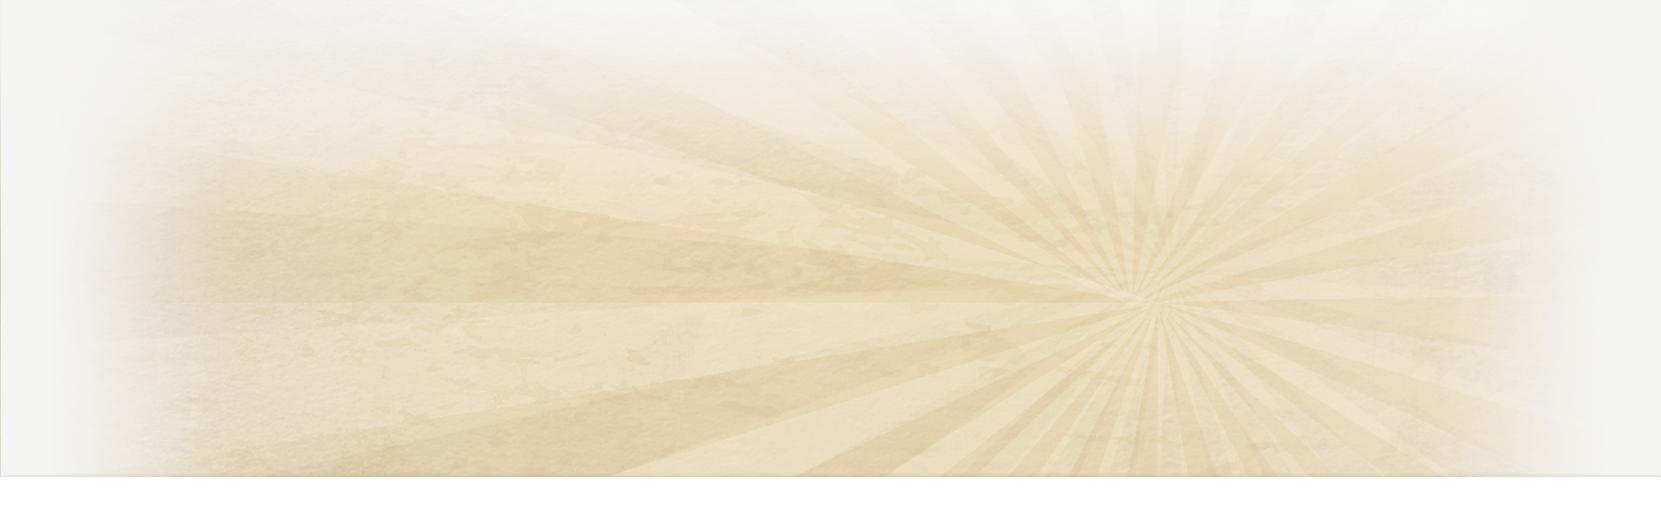 preequalization analyzer slider background gold burst